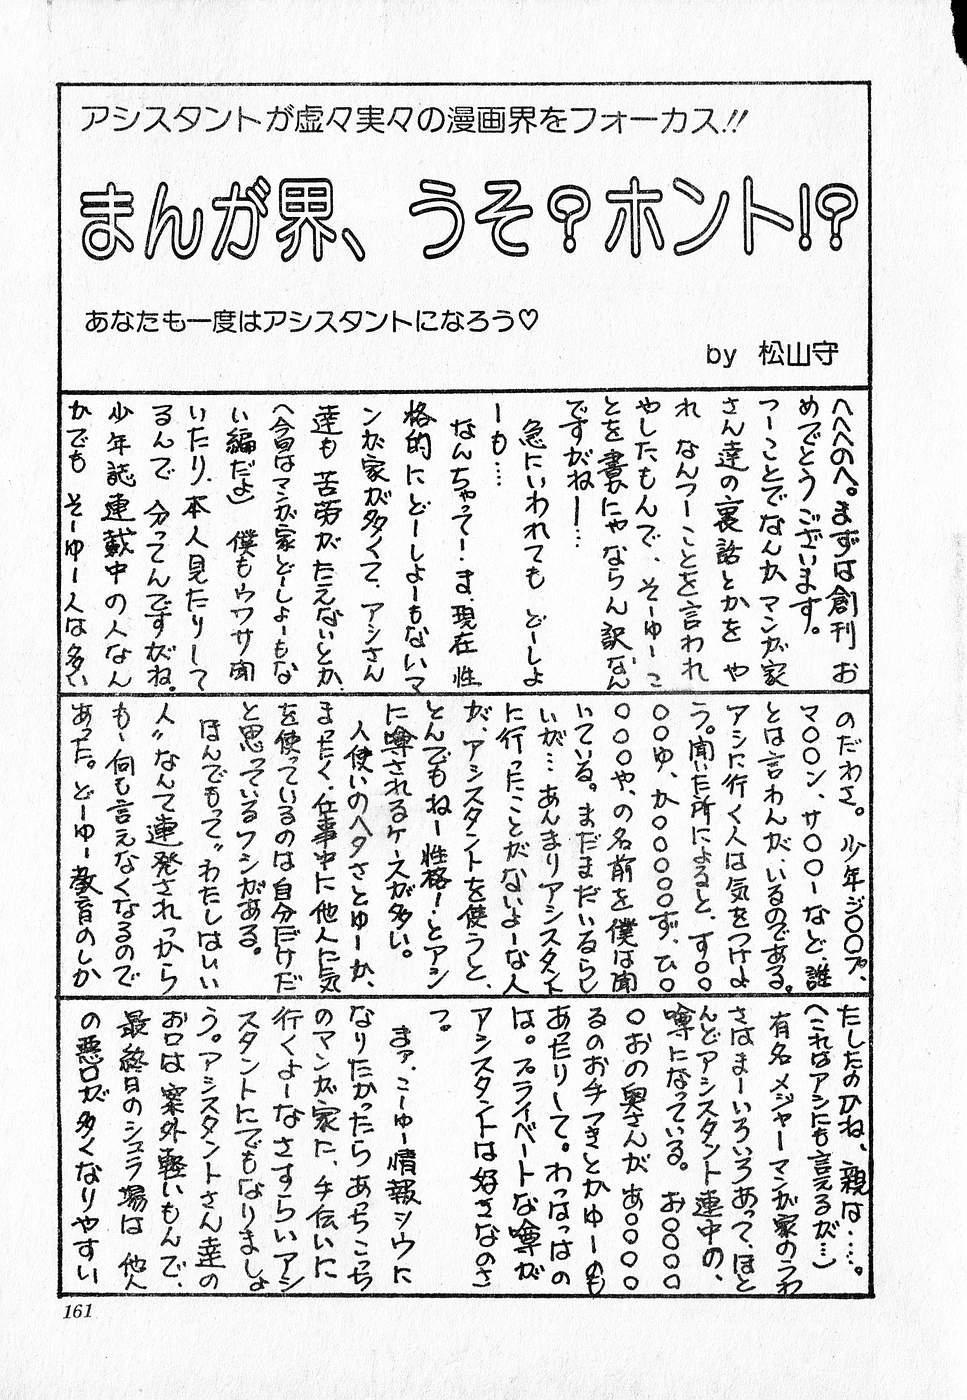 COMIC Lolipop 1985-10 Soukanjunbigou Aki 160